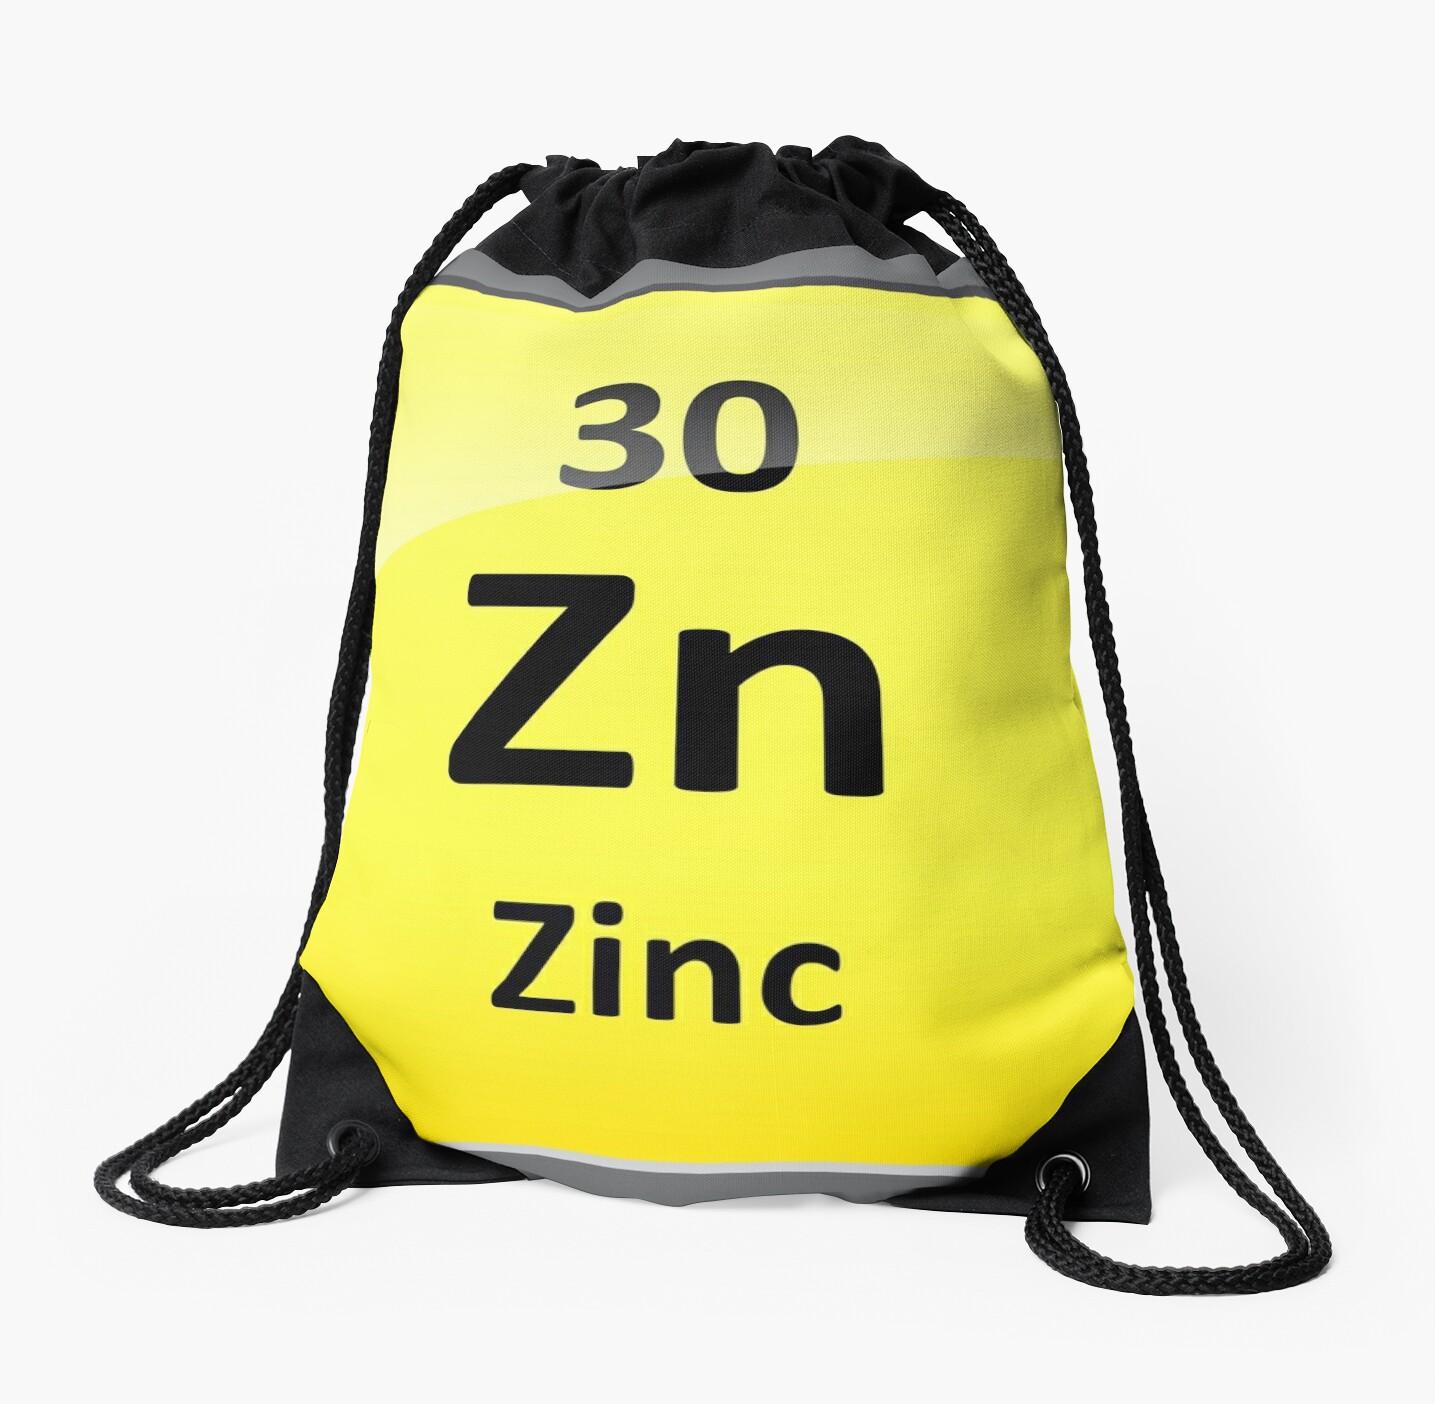 Mochilas de cuerdas smbolo del elemento de zinc tabla peridica smbolo del elemento de zinc tabla peridica de sciencenotes urtaz Images